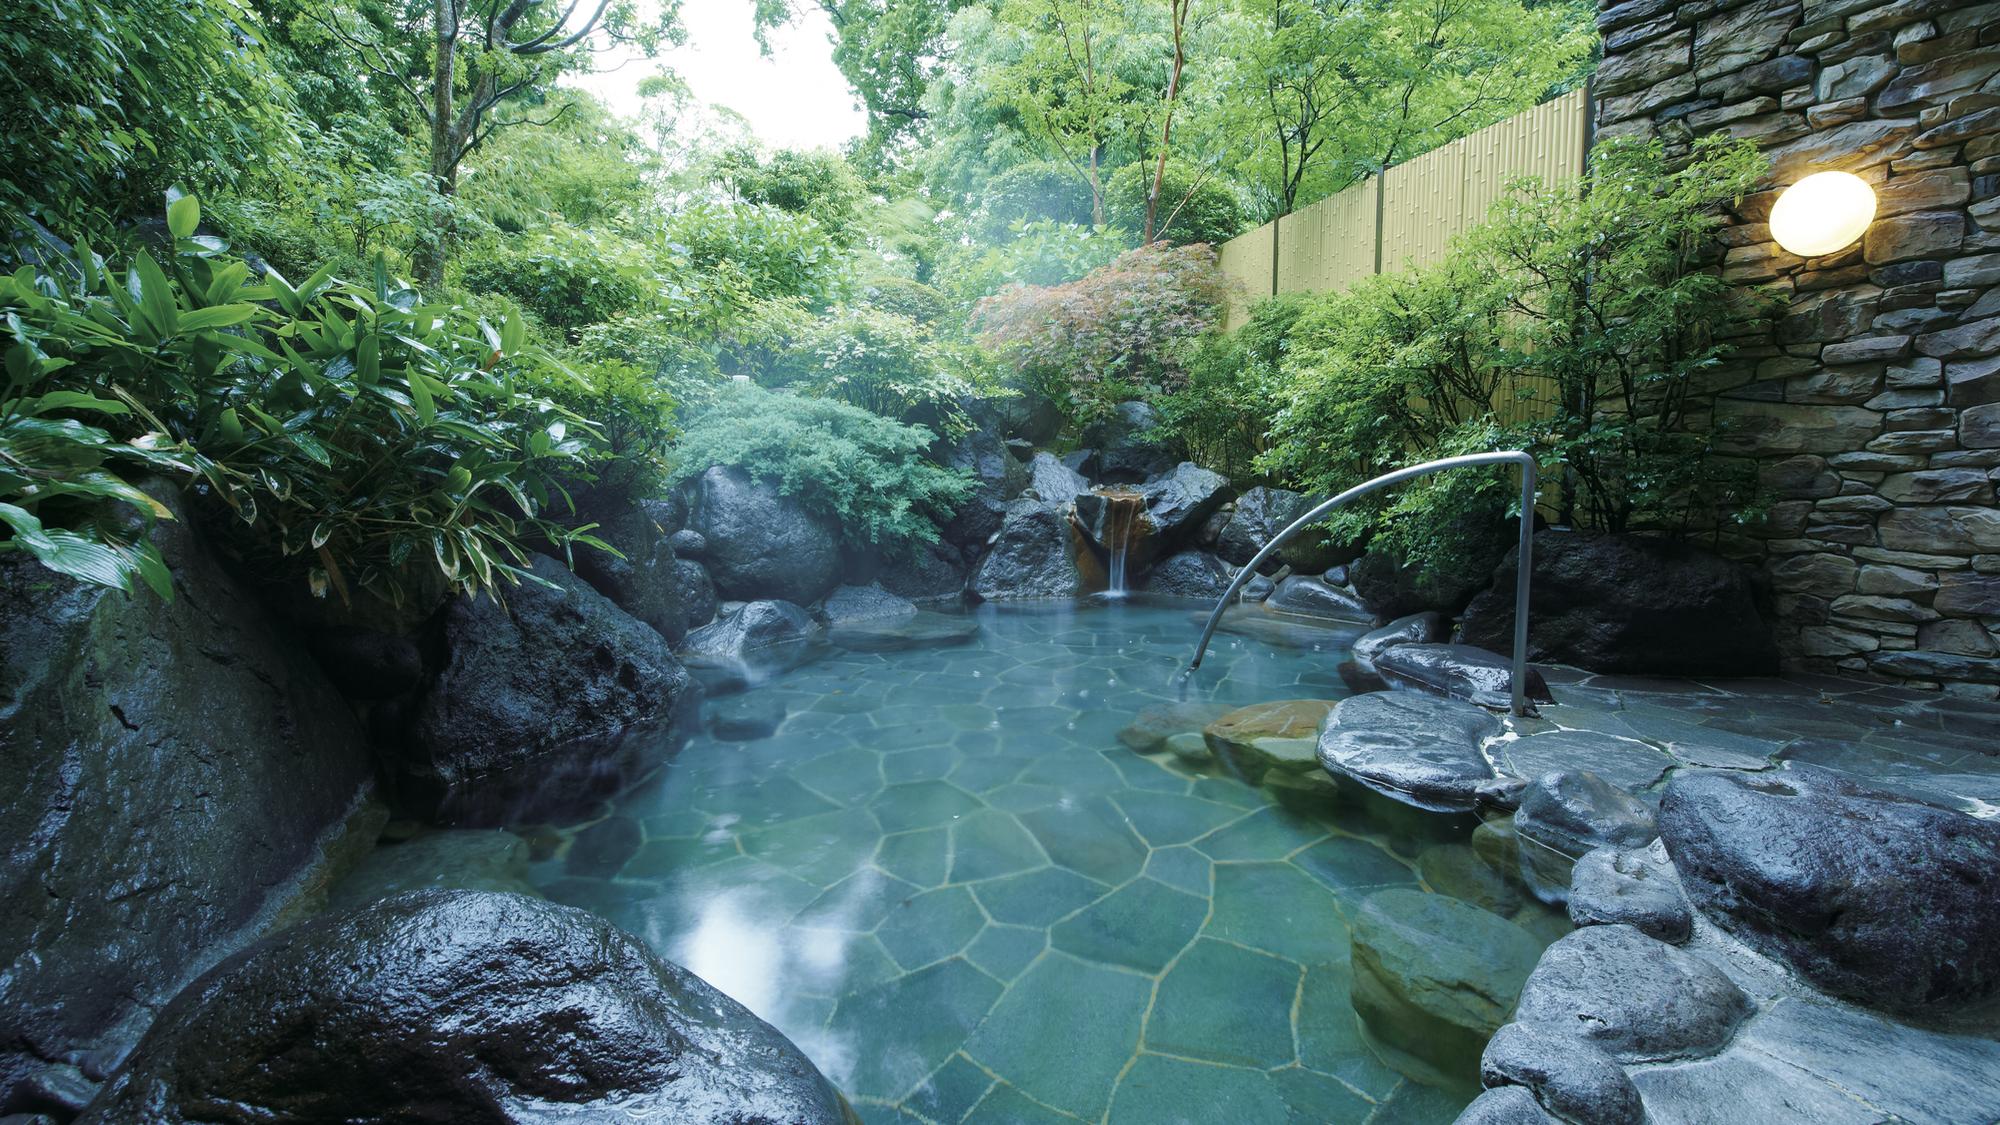 (写真は、東急ハーヴェストクラブ箱根明神平。平日にふと思い立って箱根の温泉を愉しむ、なんて素敵ですね)